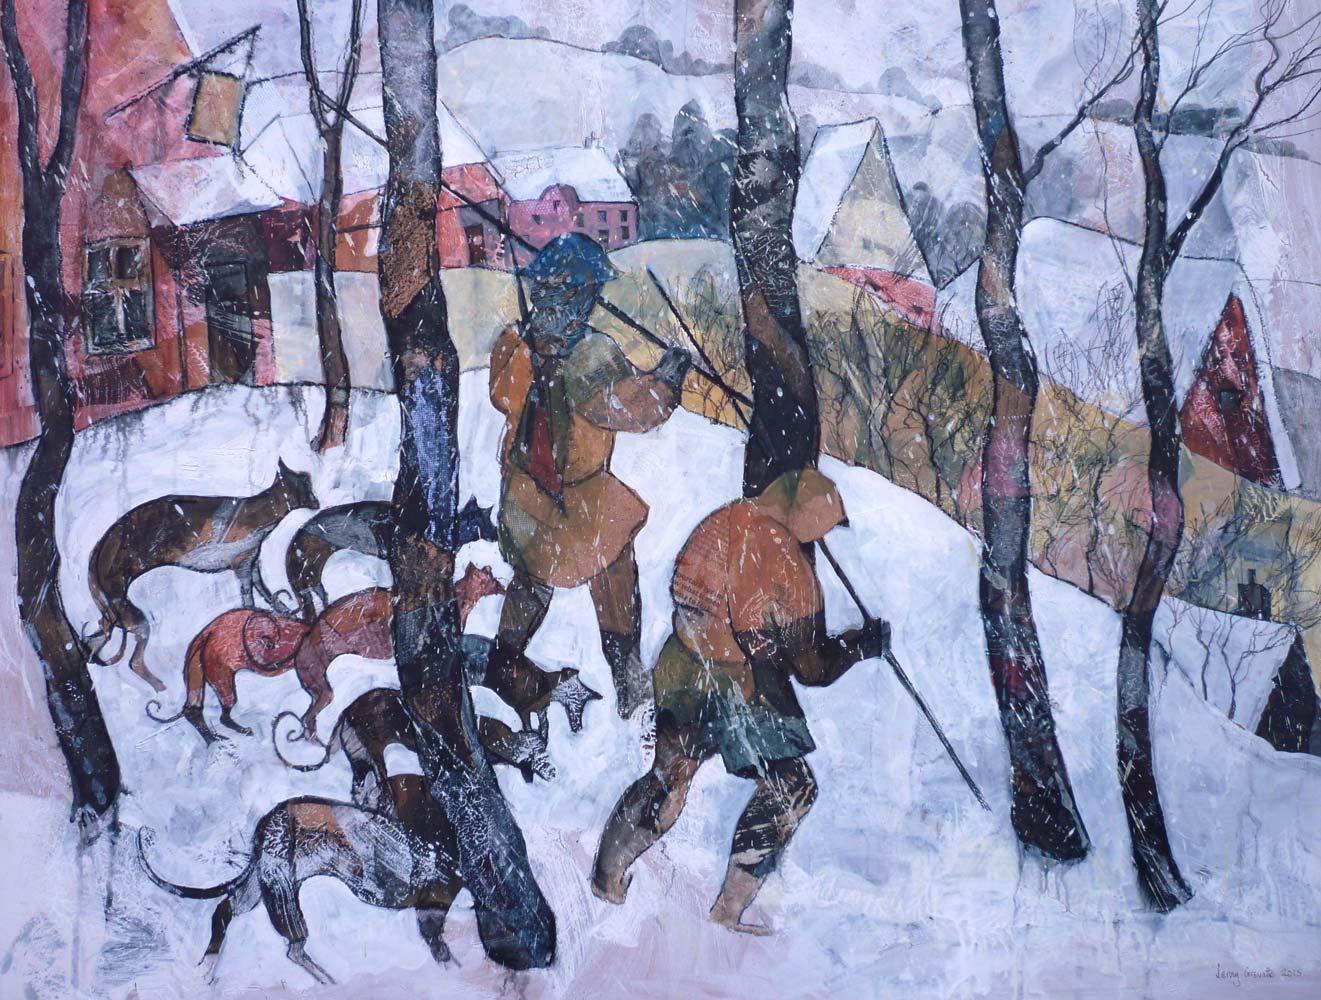 Homage to Bruegel